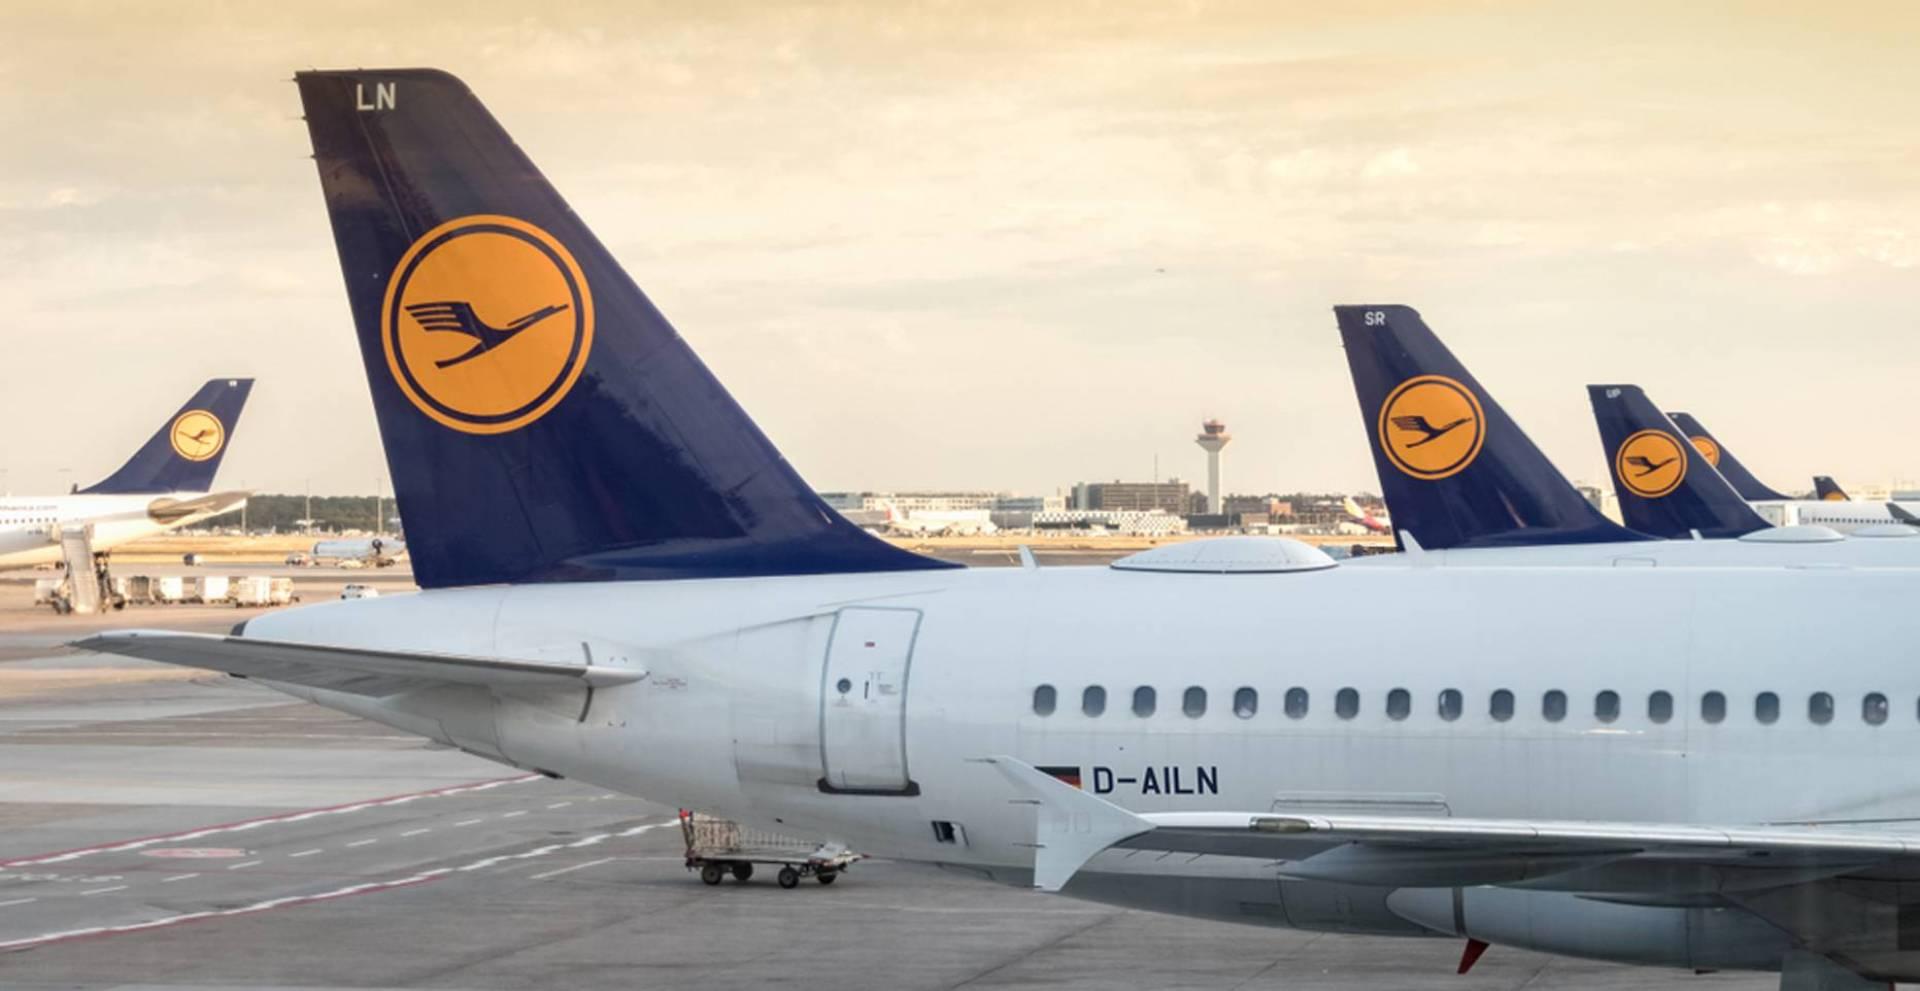 لوفتهانزا ترفع عدد رحلاتها الأسبوعية بين فرانكفورت ودبي 30%.. اعتباراً من الغد